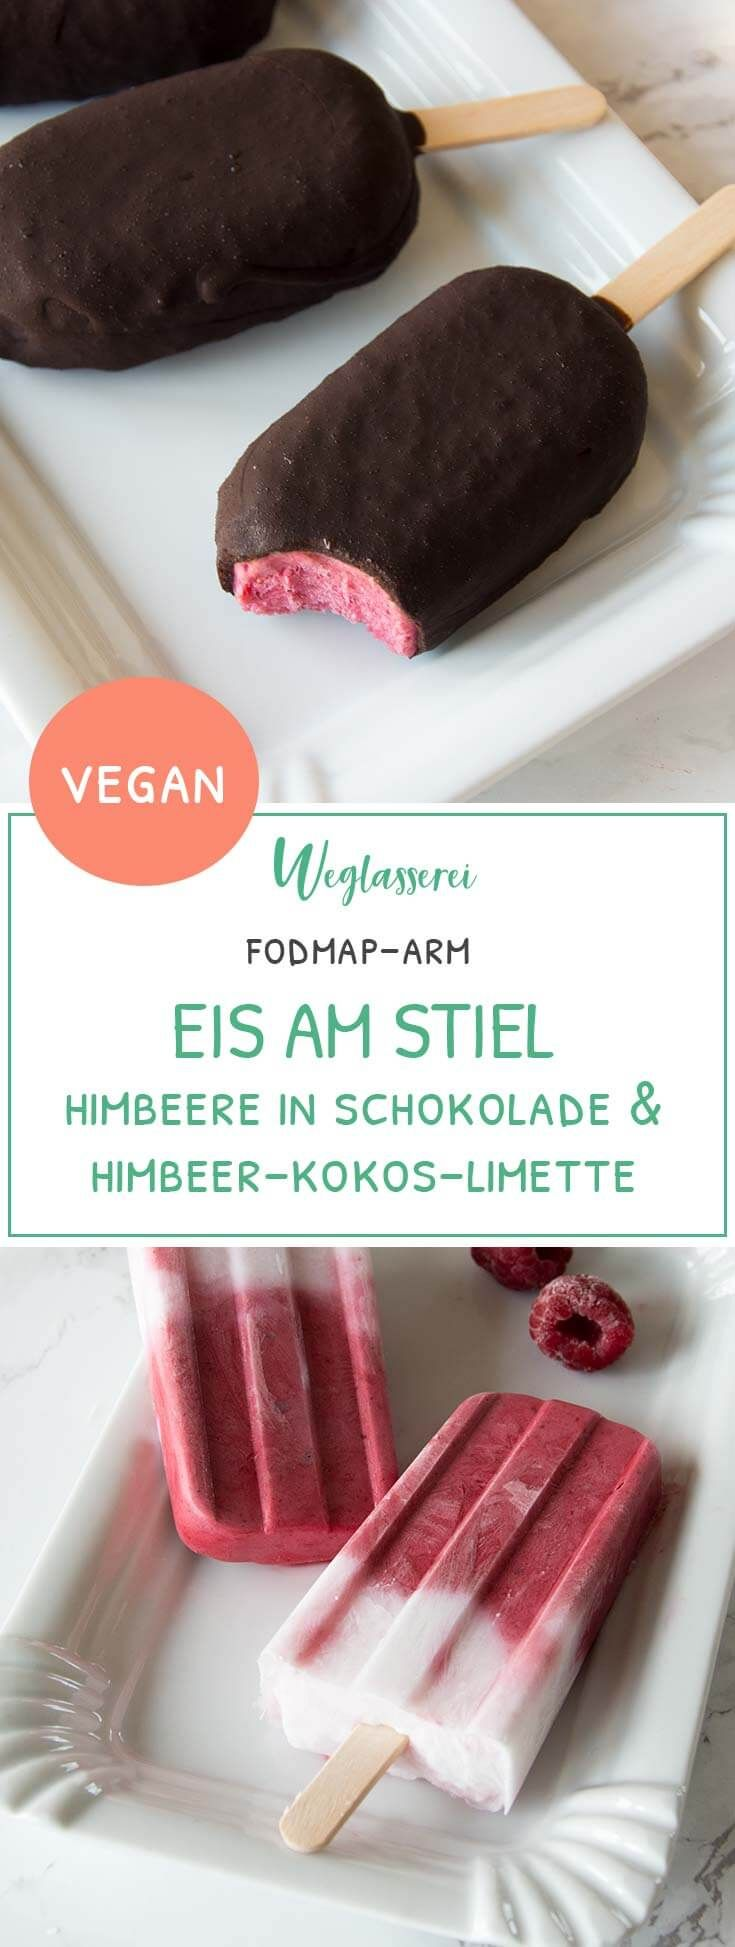 Gesundes Eis am Stiel bei Lebensmittelunverträglichkeiten und Reizdarm. Kokos-Himbeer-Limette oder Himbeere in Schokolade. Beide Varianten sind FODMAP-arm, laktosefrei, glutenfrei, fructosearm, vegan, ohne Milch und ohne Ei. Noch mehr FODMAP-arme Rezepte findest du auf meinem Blog www.weglasserei.de Dort findest du außerdem Tipps und Motivation, um deine Nahrungsmittelunverträglichkeiten und deinen Reizdarm in den Griffe zu bekommen. Ich zeige dir, wie du die Ernährungsumstellung angehst…